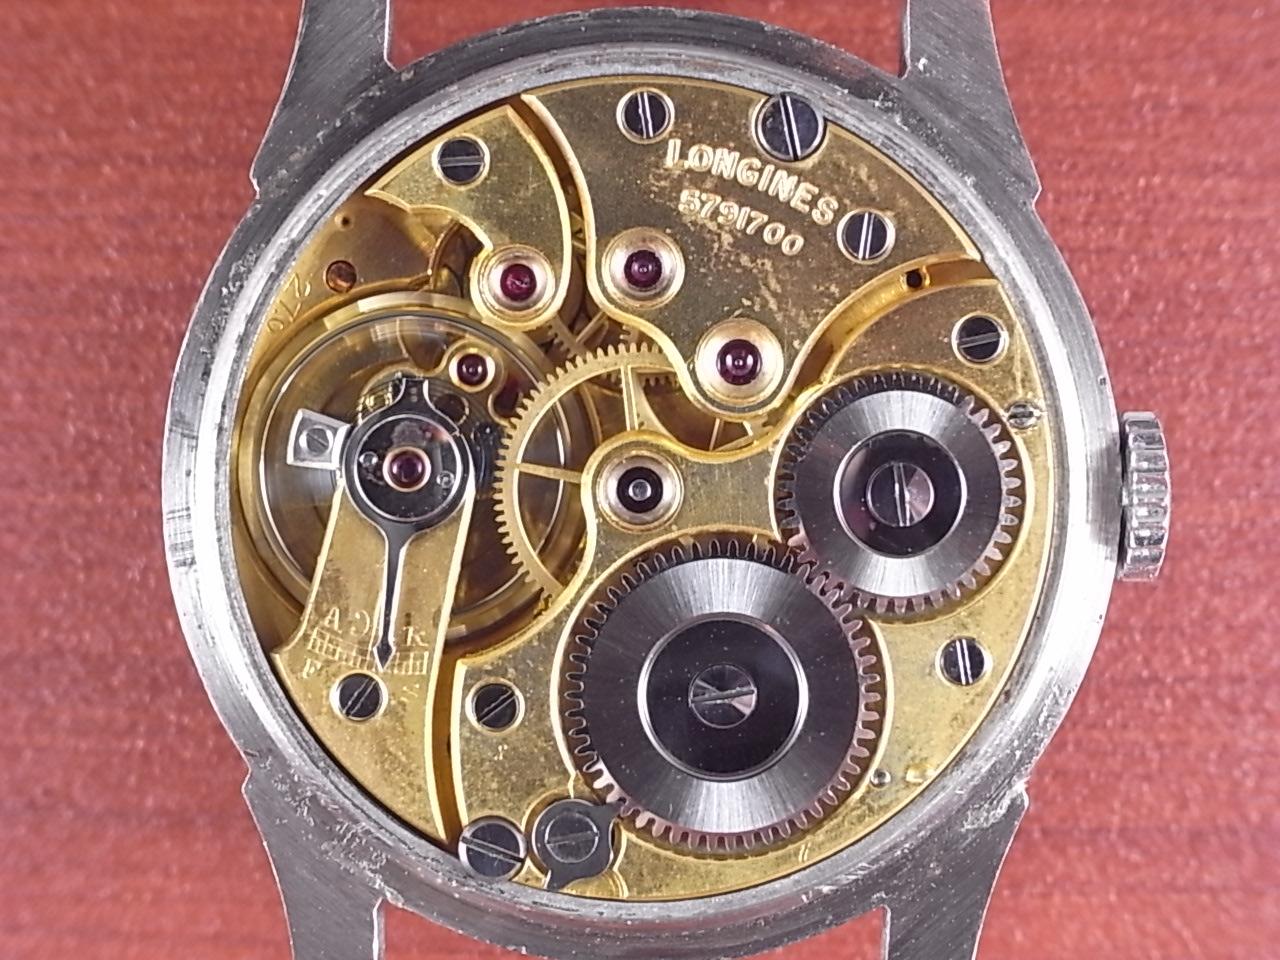 ロンジン ブルズアイ グレー/ゴールド ニアミントコンディション 1930年代の写真5枚目